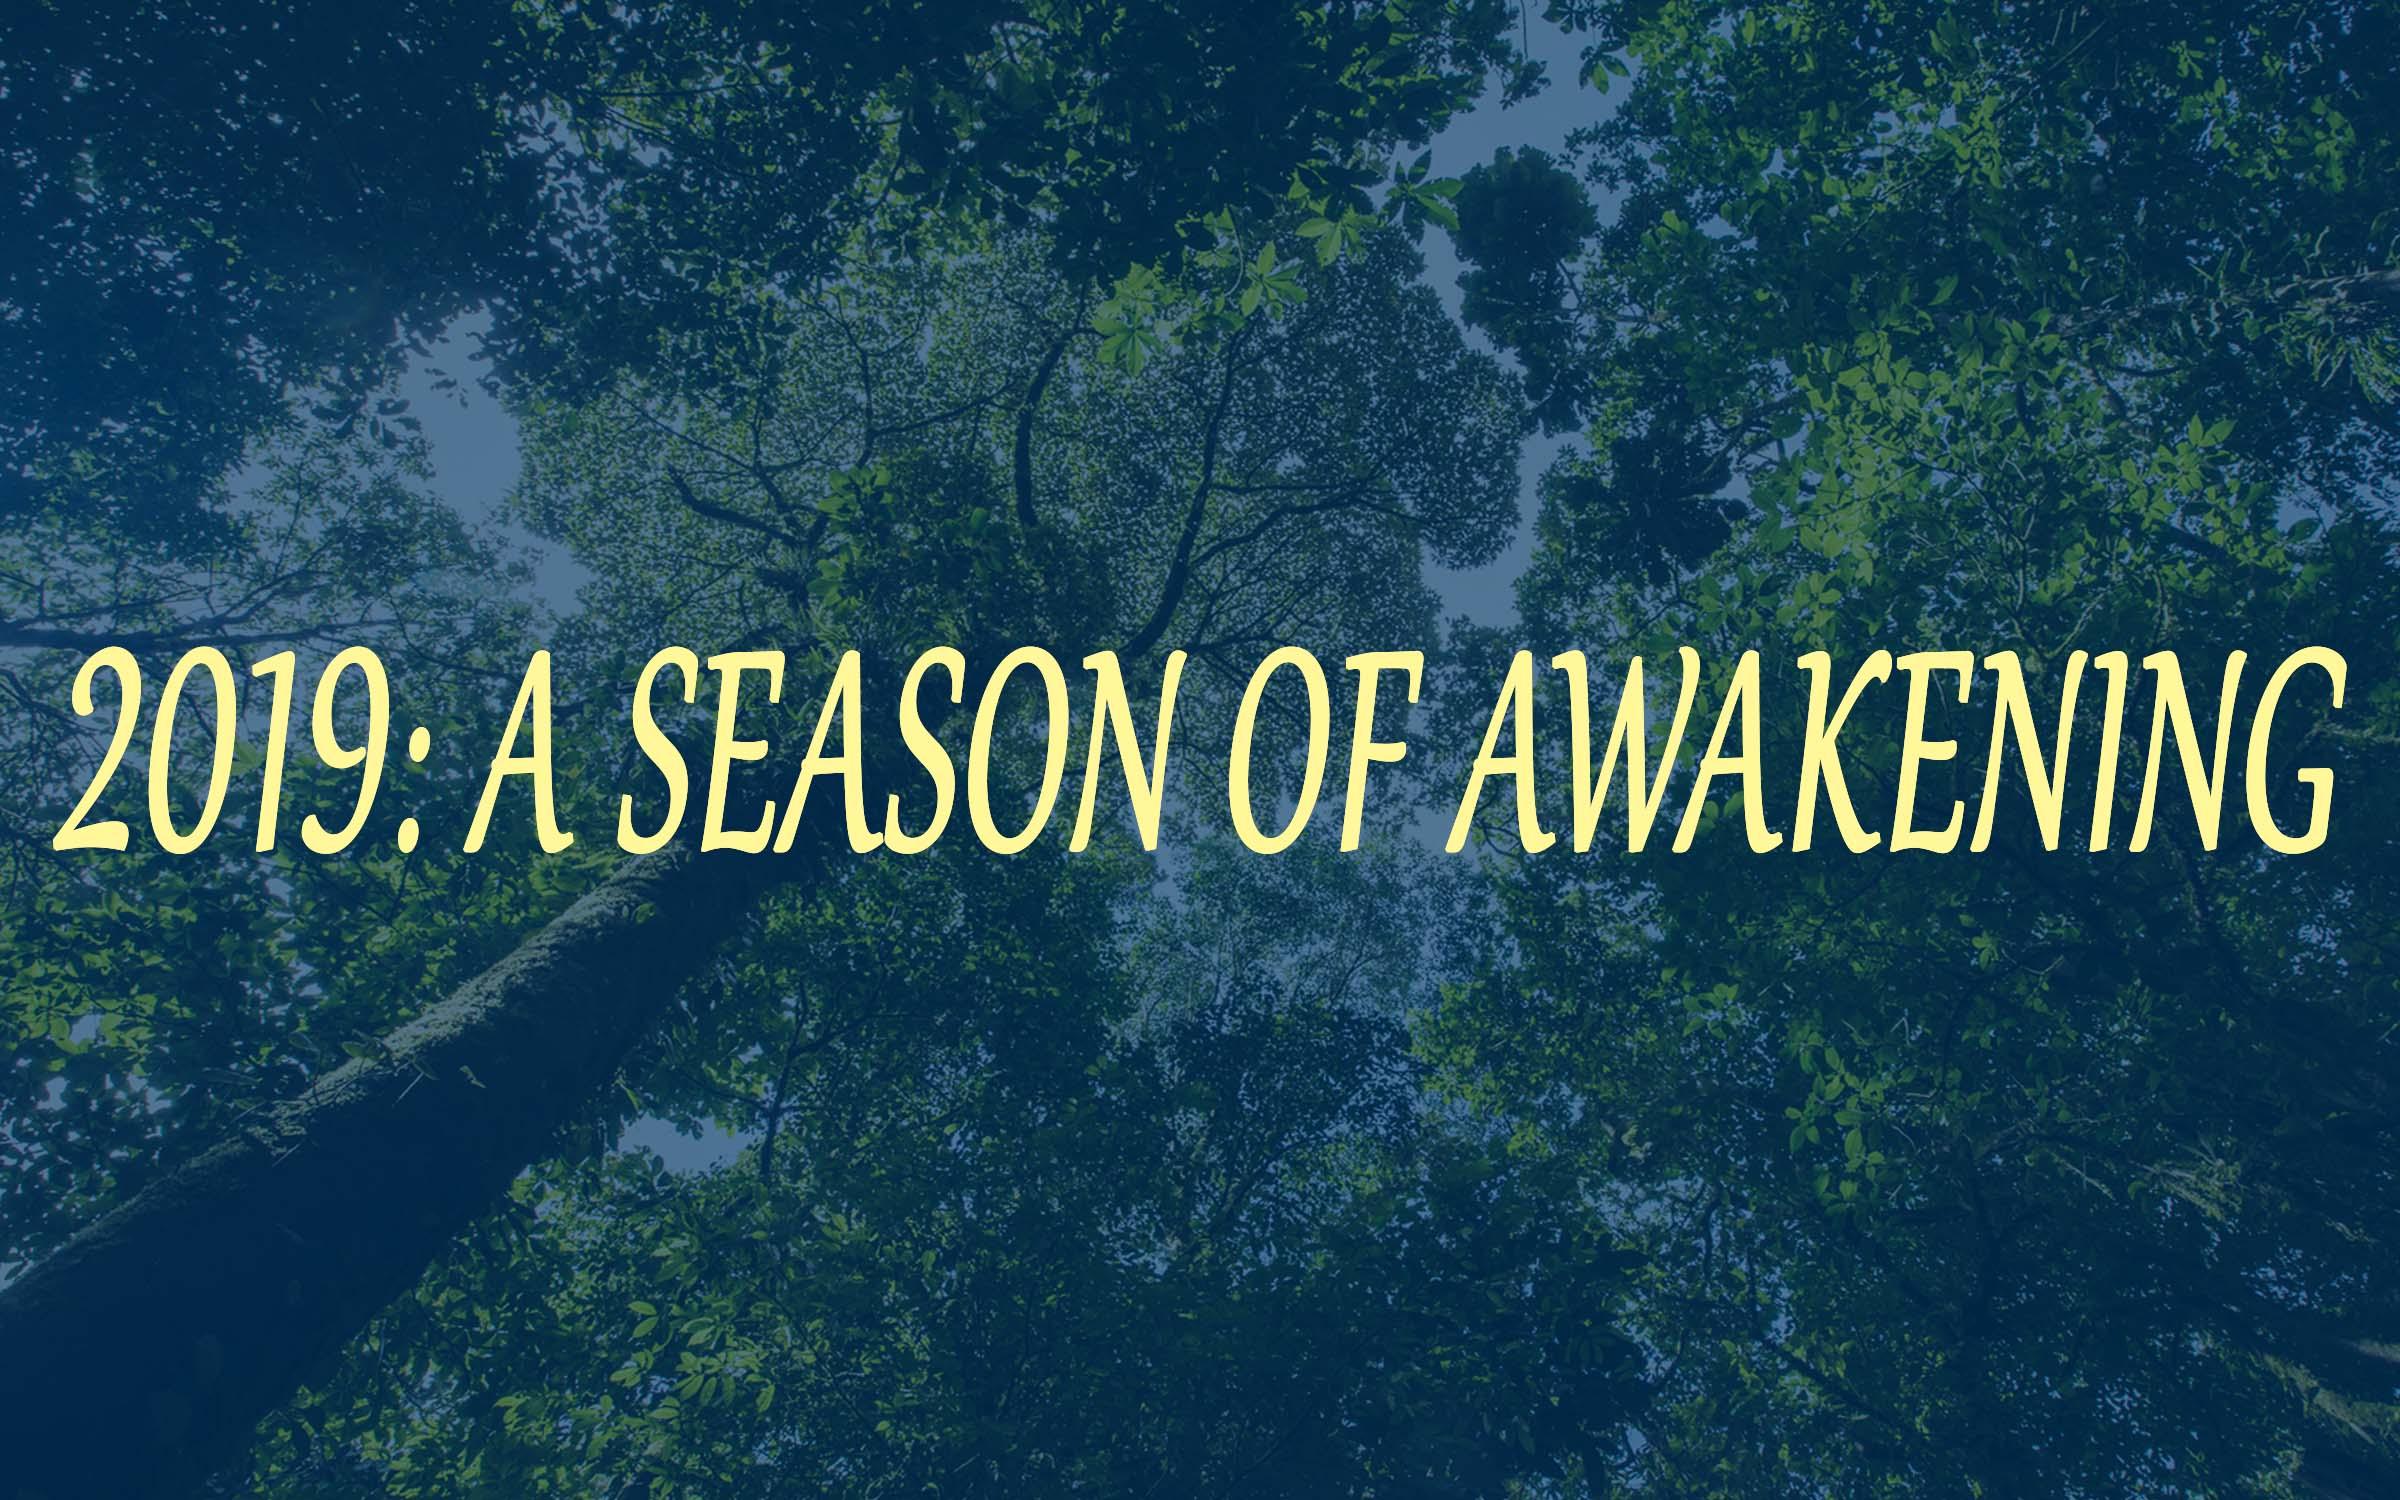 Season of Awakening.jpg